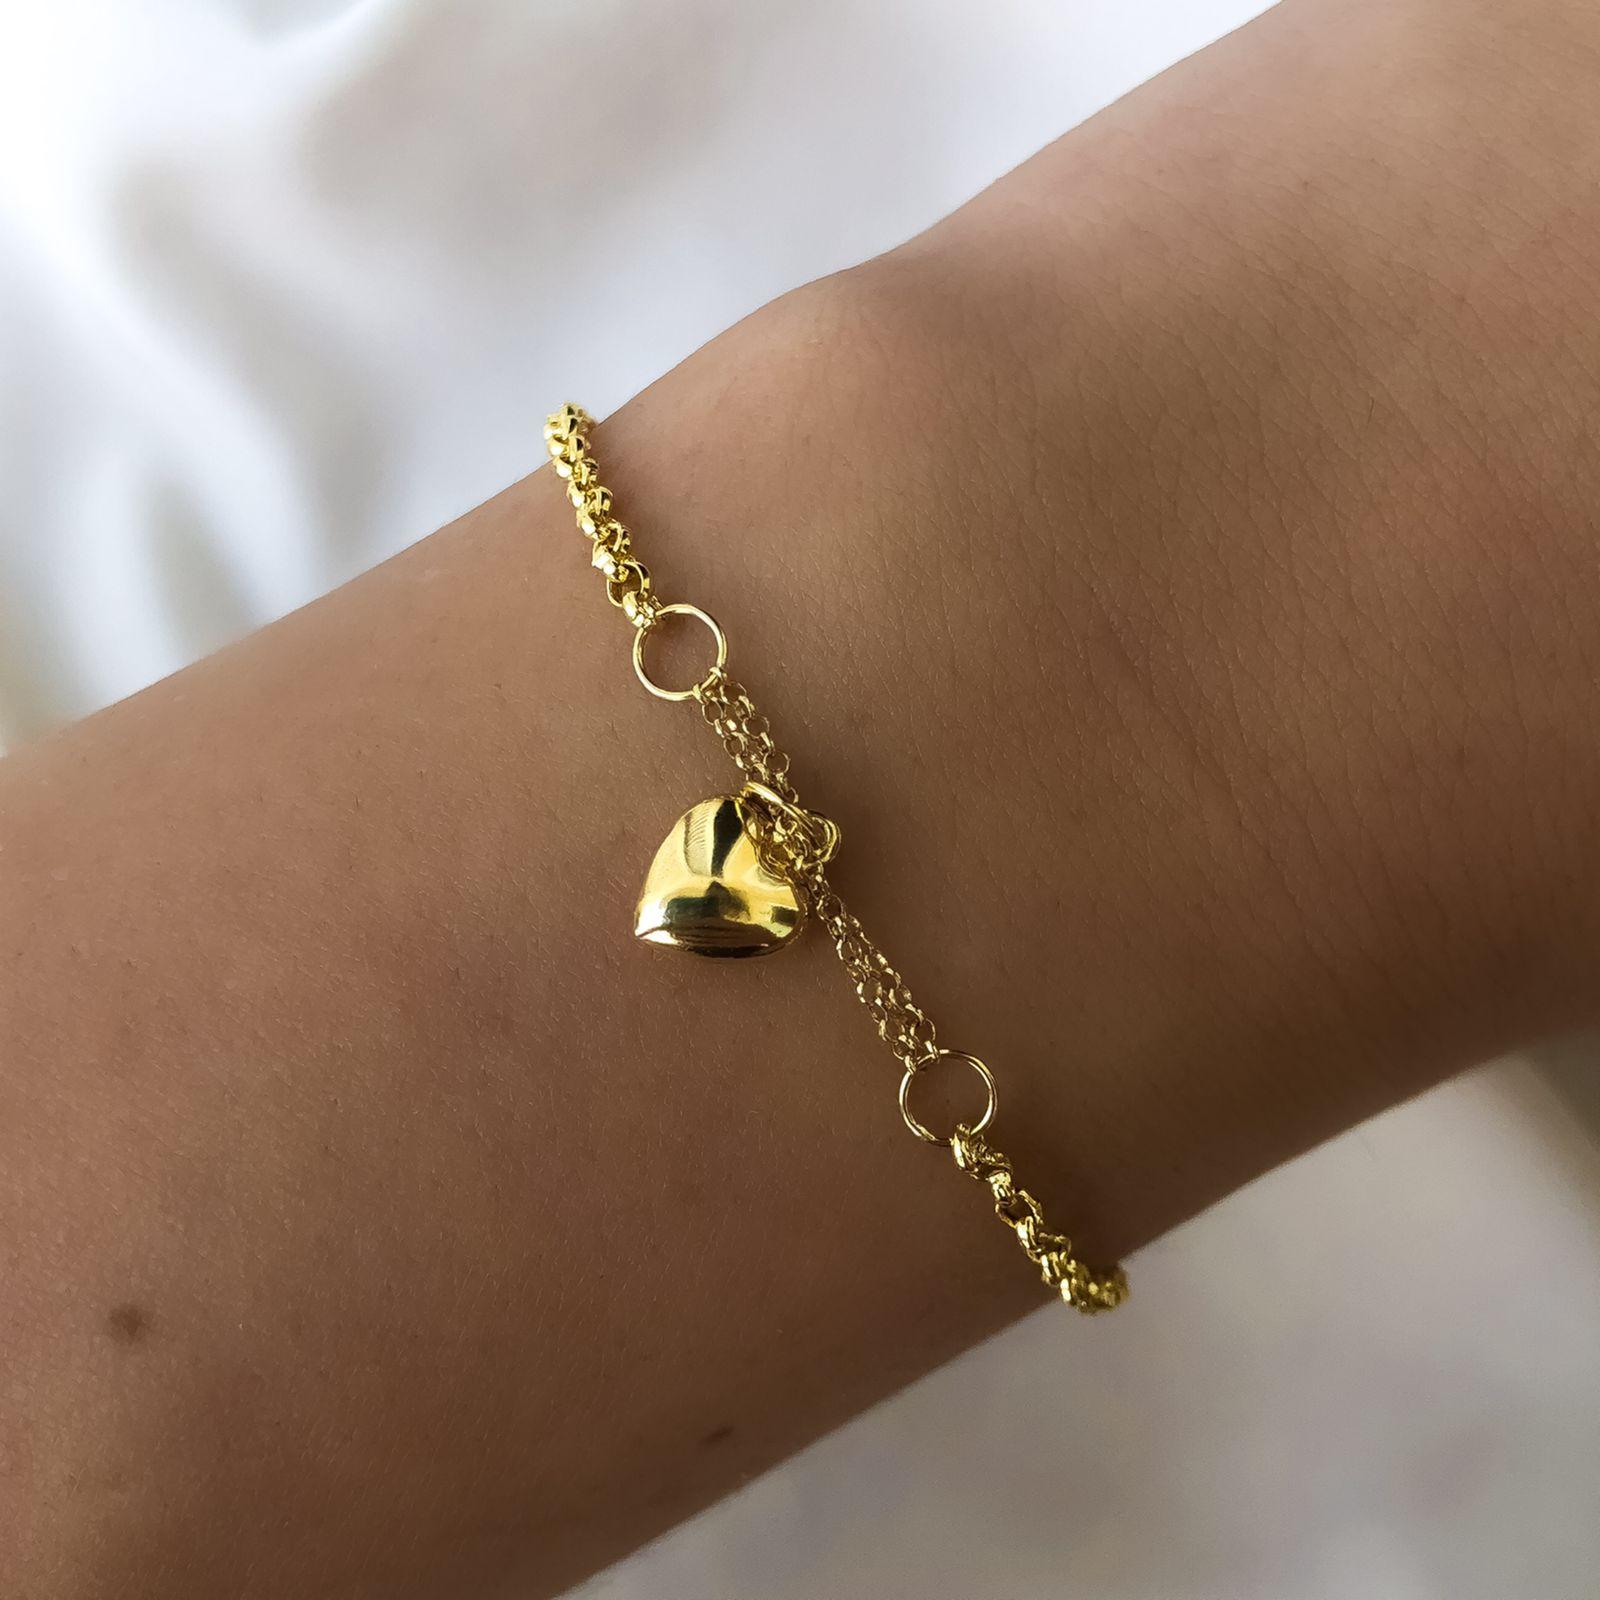 Pulseira Elo Português Pingente Coração em Ouro 18K 14cm